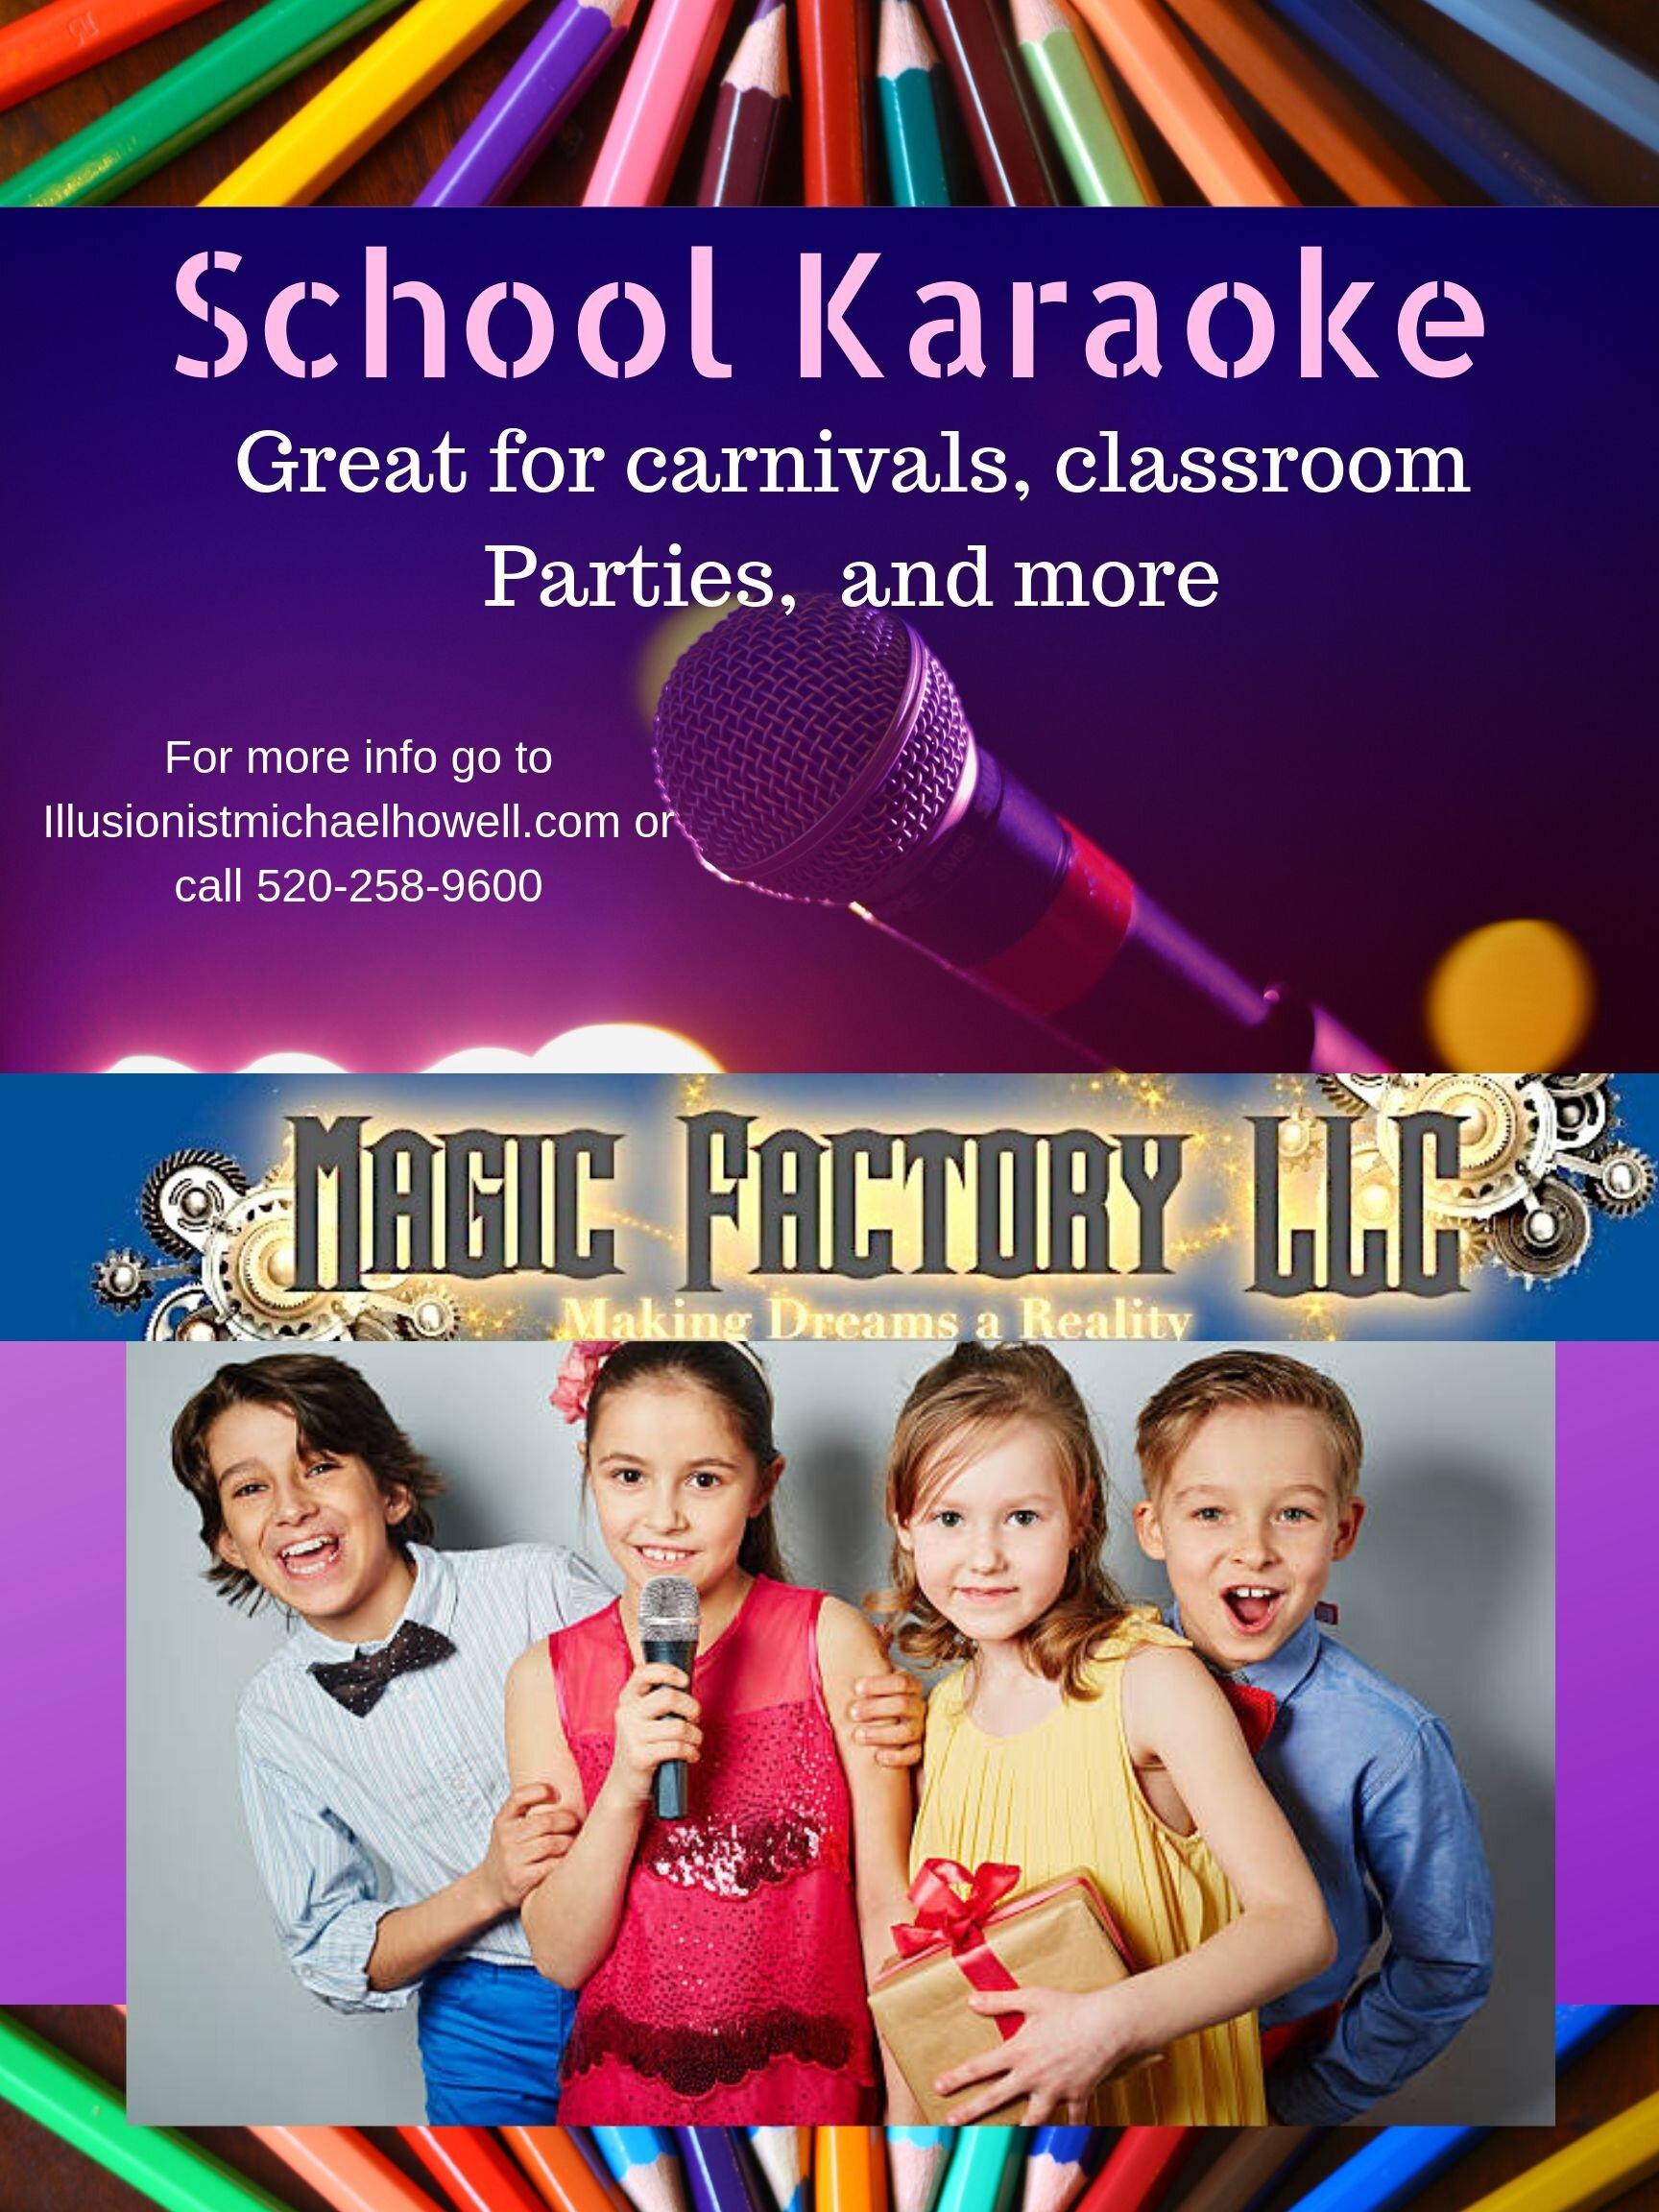 School Karaoke.jpg